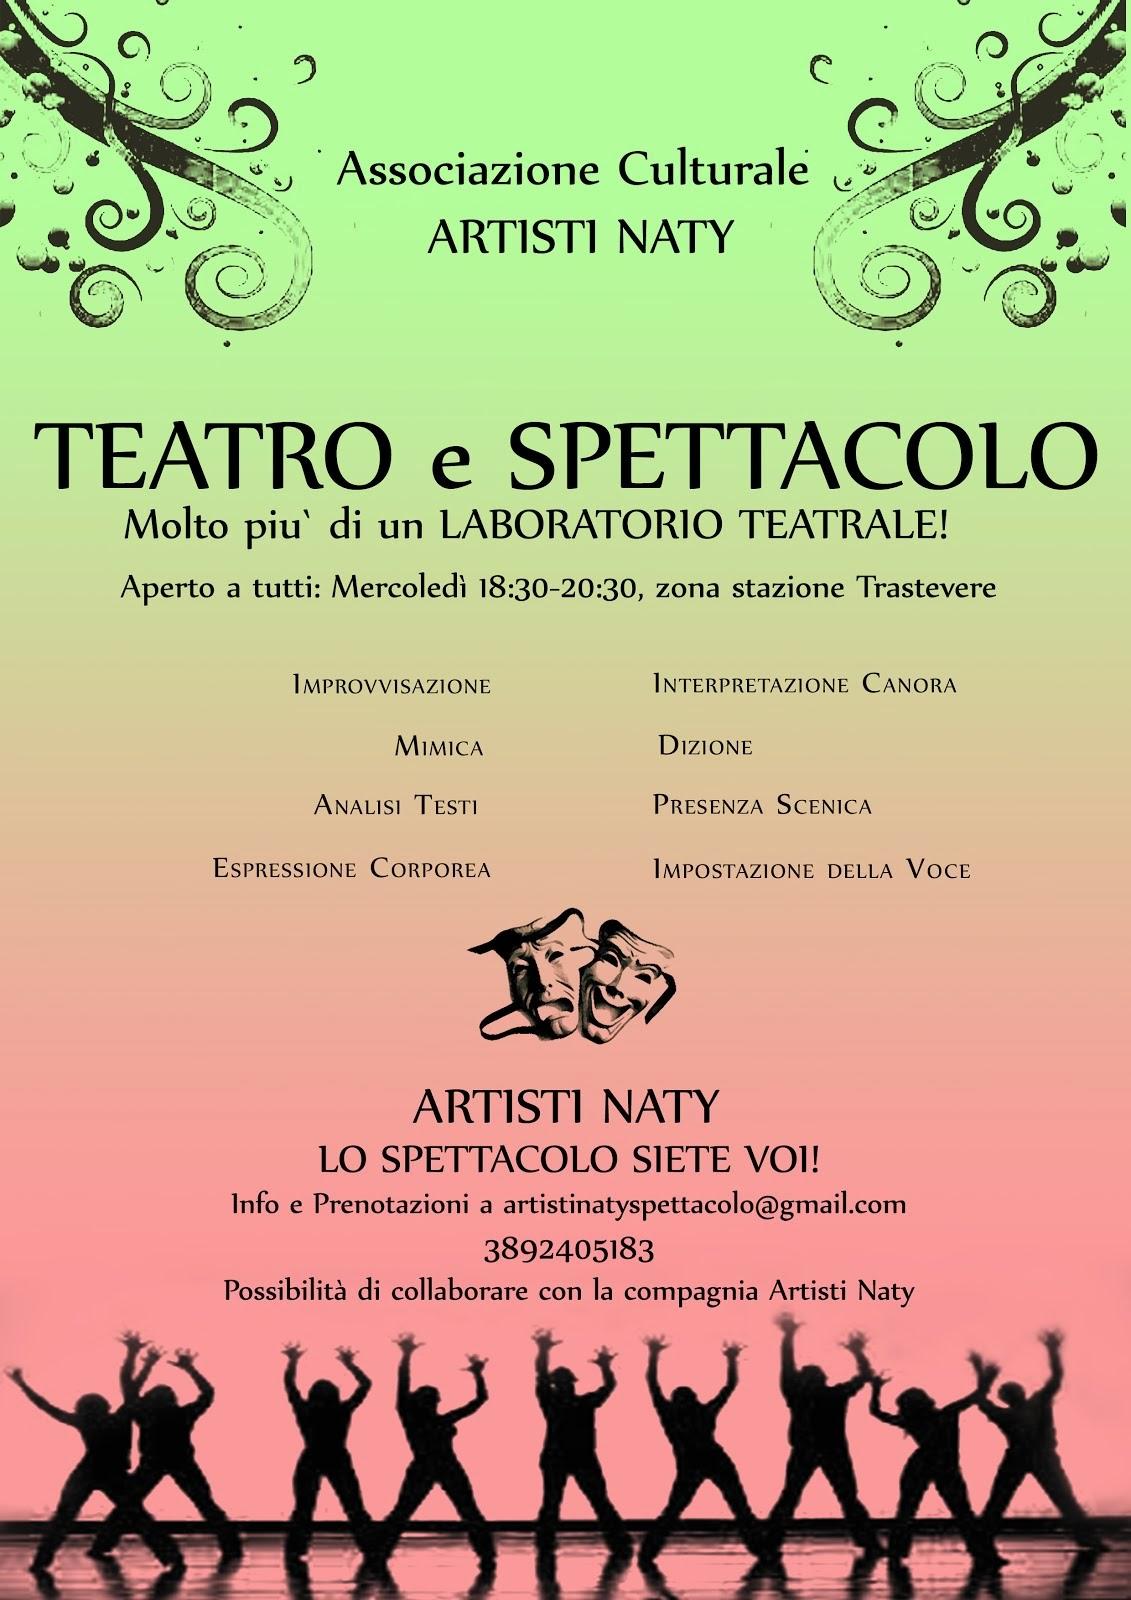 Corso di Teatro e Spettacolo